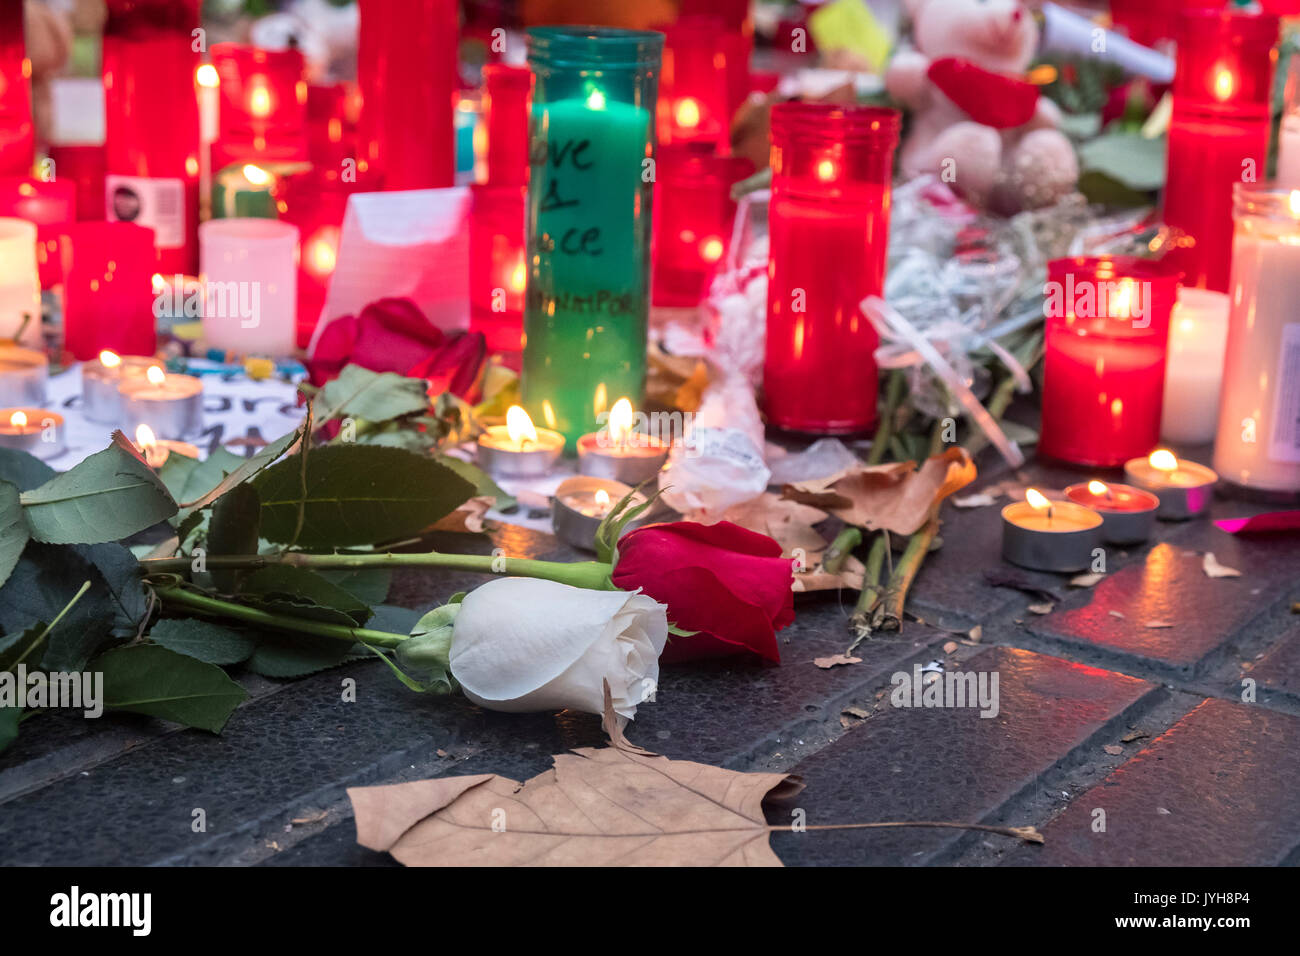 Barcelona, Spanien. 19 Aug, 2017. Am 19. August 2017 die Stadt Barcelona erlitt die ISIS Terroranschlag mit Insgesamt 13 Tote und Hunderte verletzt. Die Stadt war ein Beispiel für die Großherzigkeit, mit der die Opfer und der Brüderlichkeit mit der muslimischen Bevölkerung. Barcelona Jubel in die ganze Welt: Wir sind keine Angst! Credit: Miguel Galmés/Alamy leben Nachrichten Stockbild